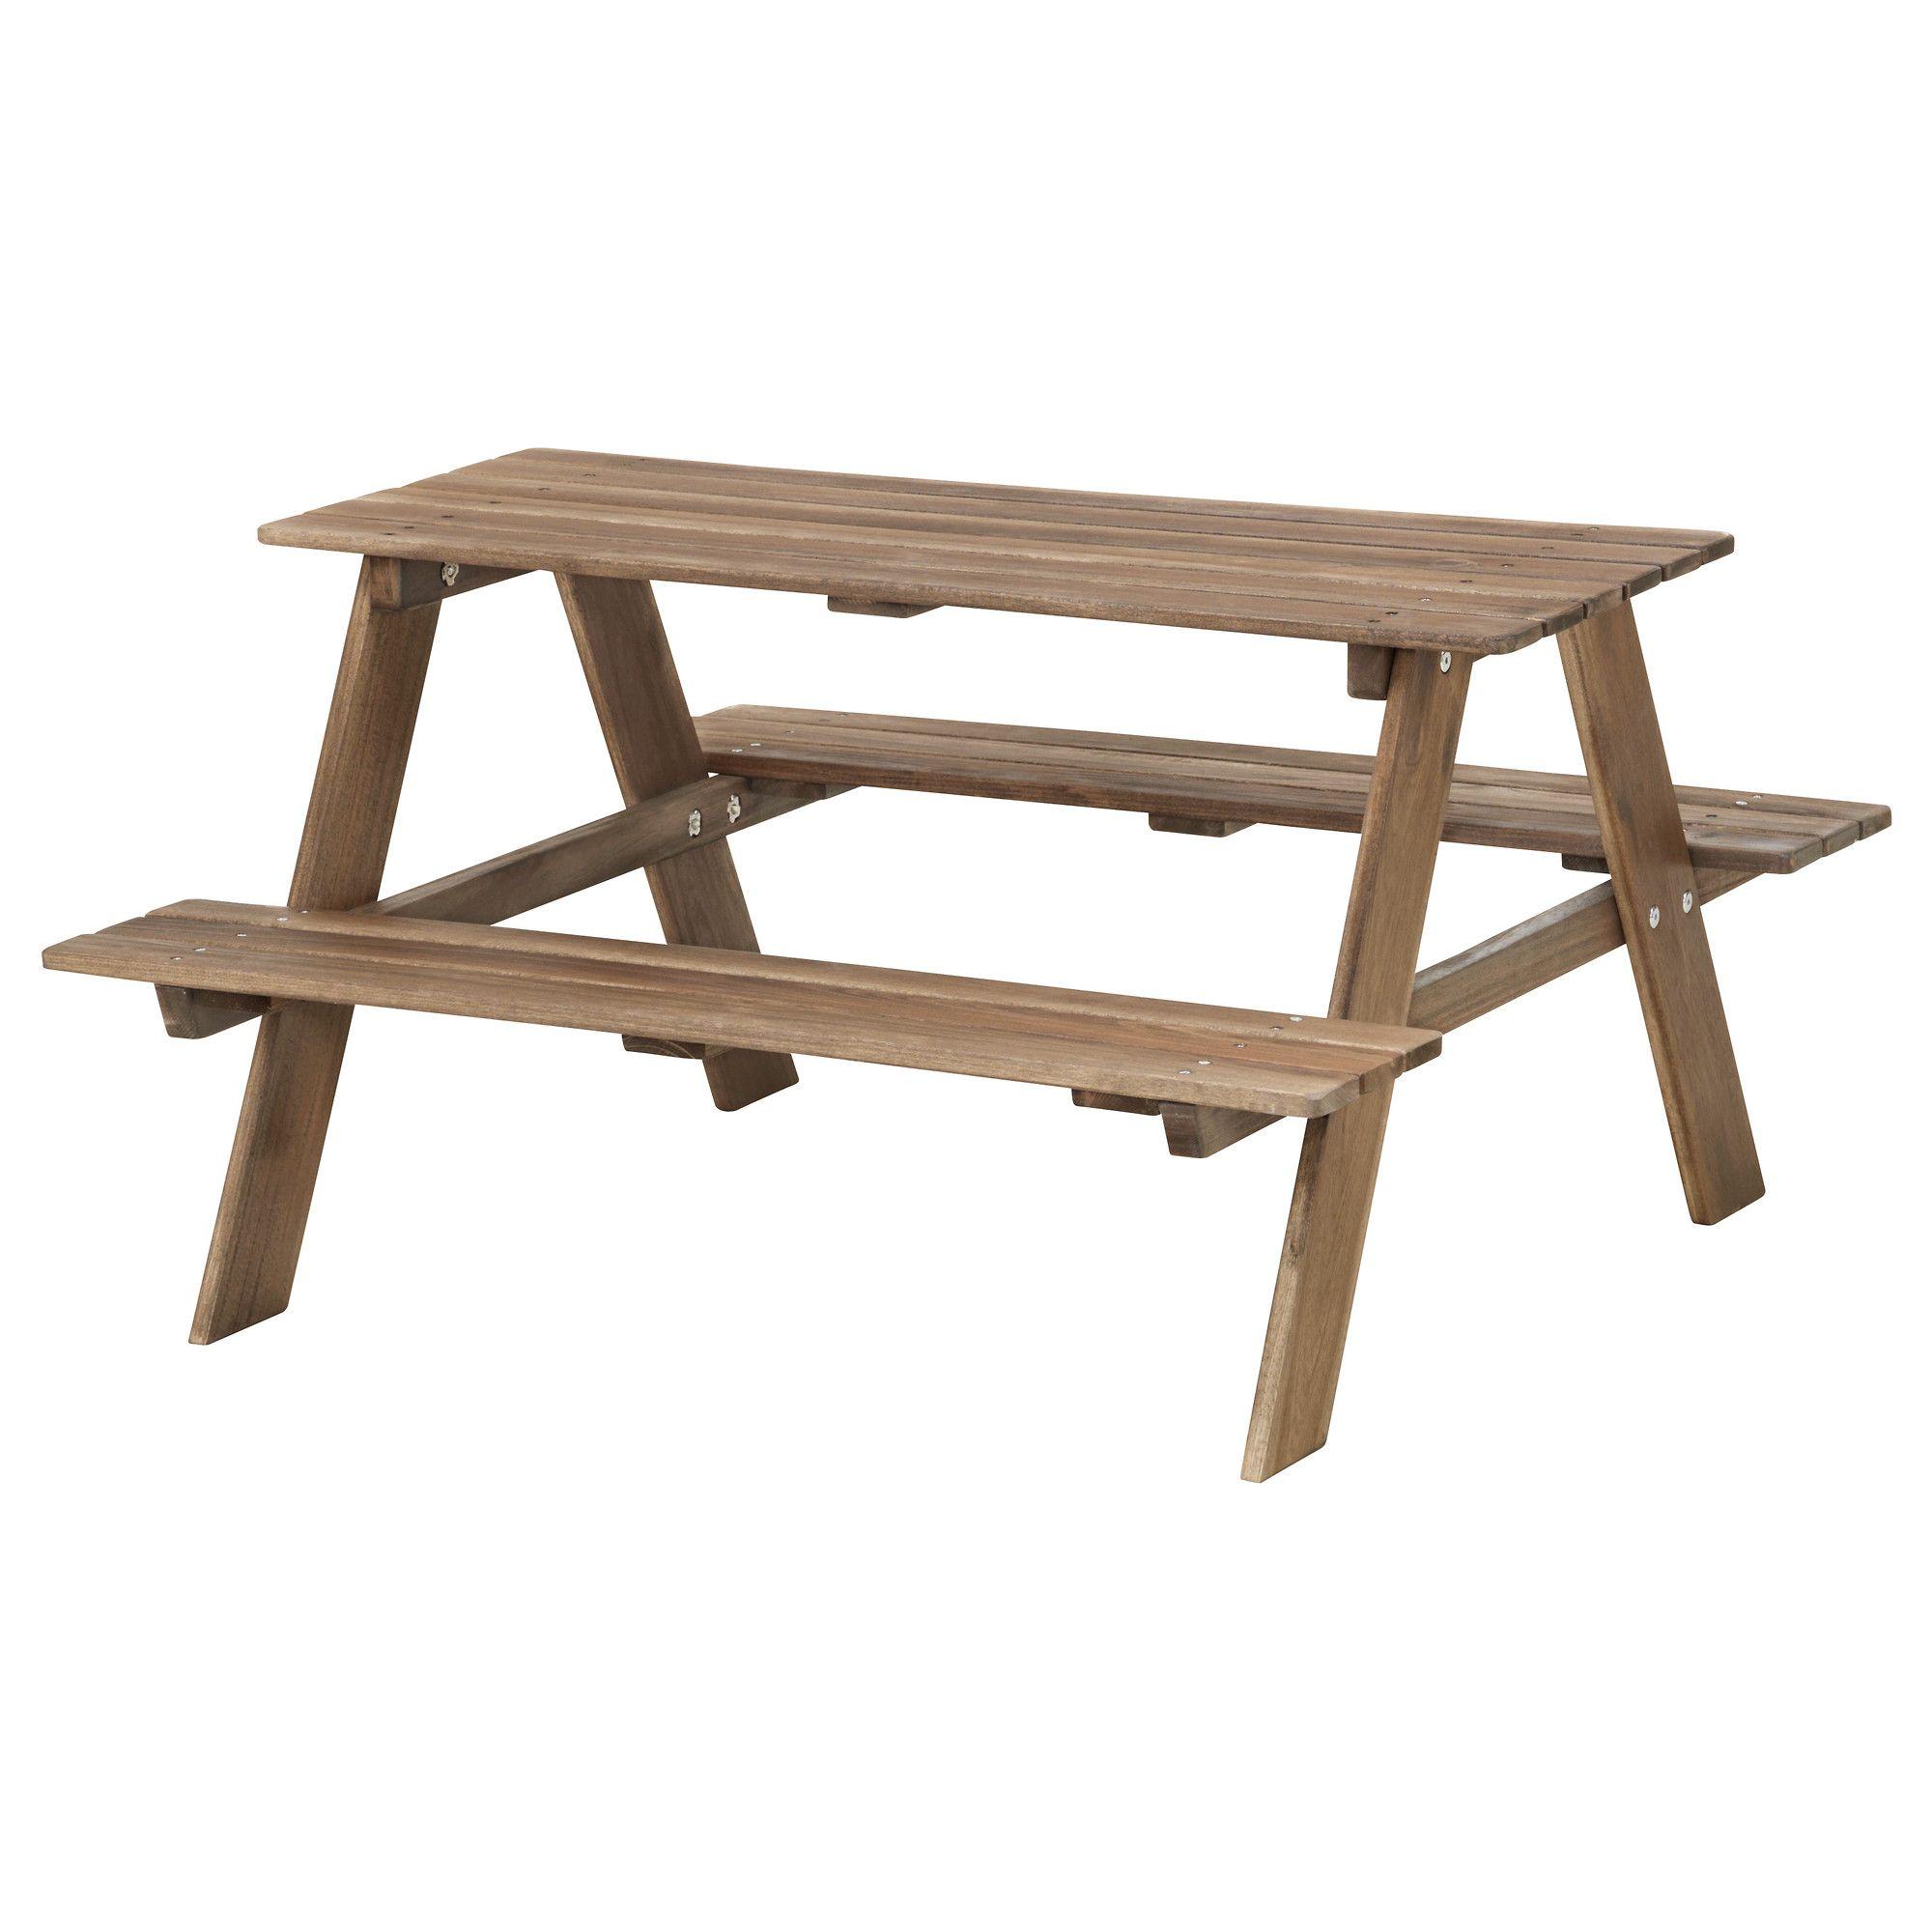 Ikea Tavoli Da Esterno.Reso Tavolo Picnic Per Bambini Mordente Grigio Tortora Grigio